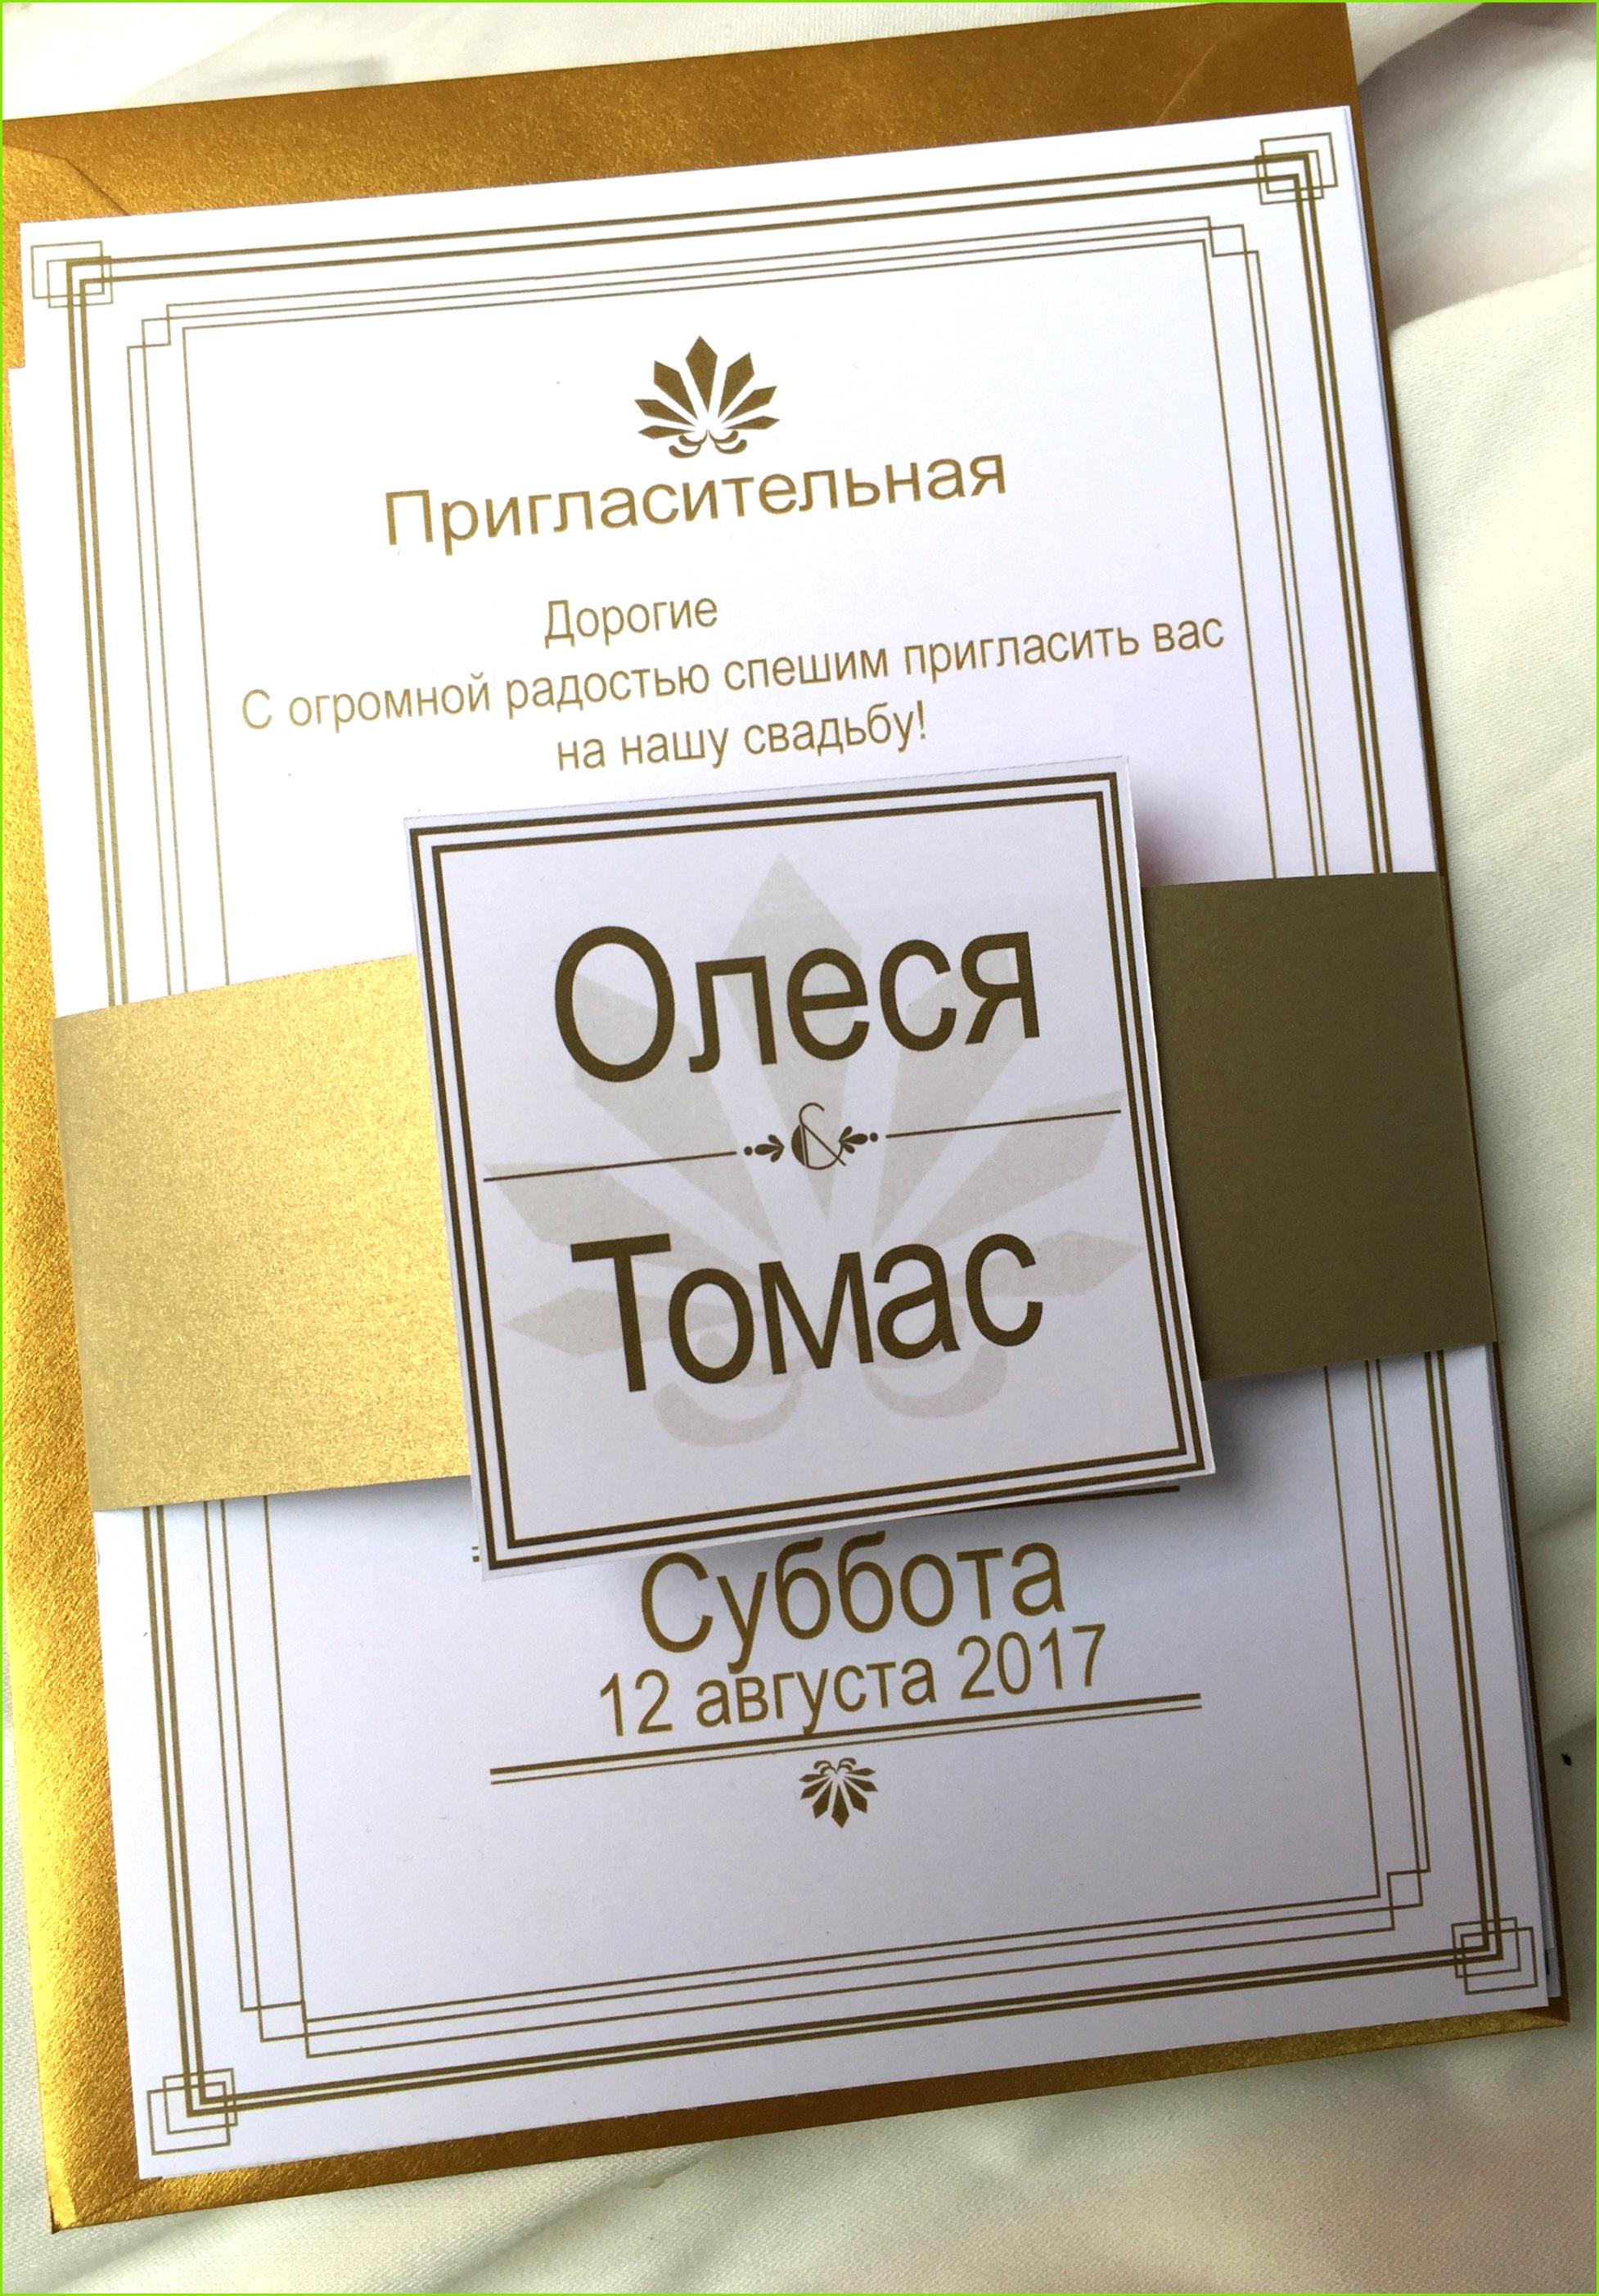 Einladung Englisch Vorlagen Einladung Coole Einladungskarten 0d Archives Wangxiaoxuan Einladung Englisch Einladungskarten Hochzeit Pastell Judyclibborn